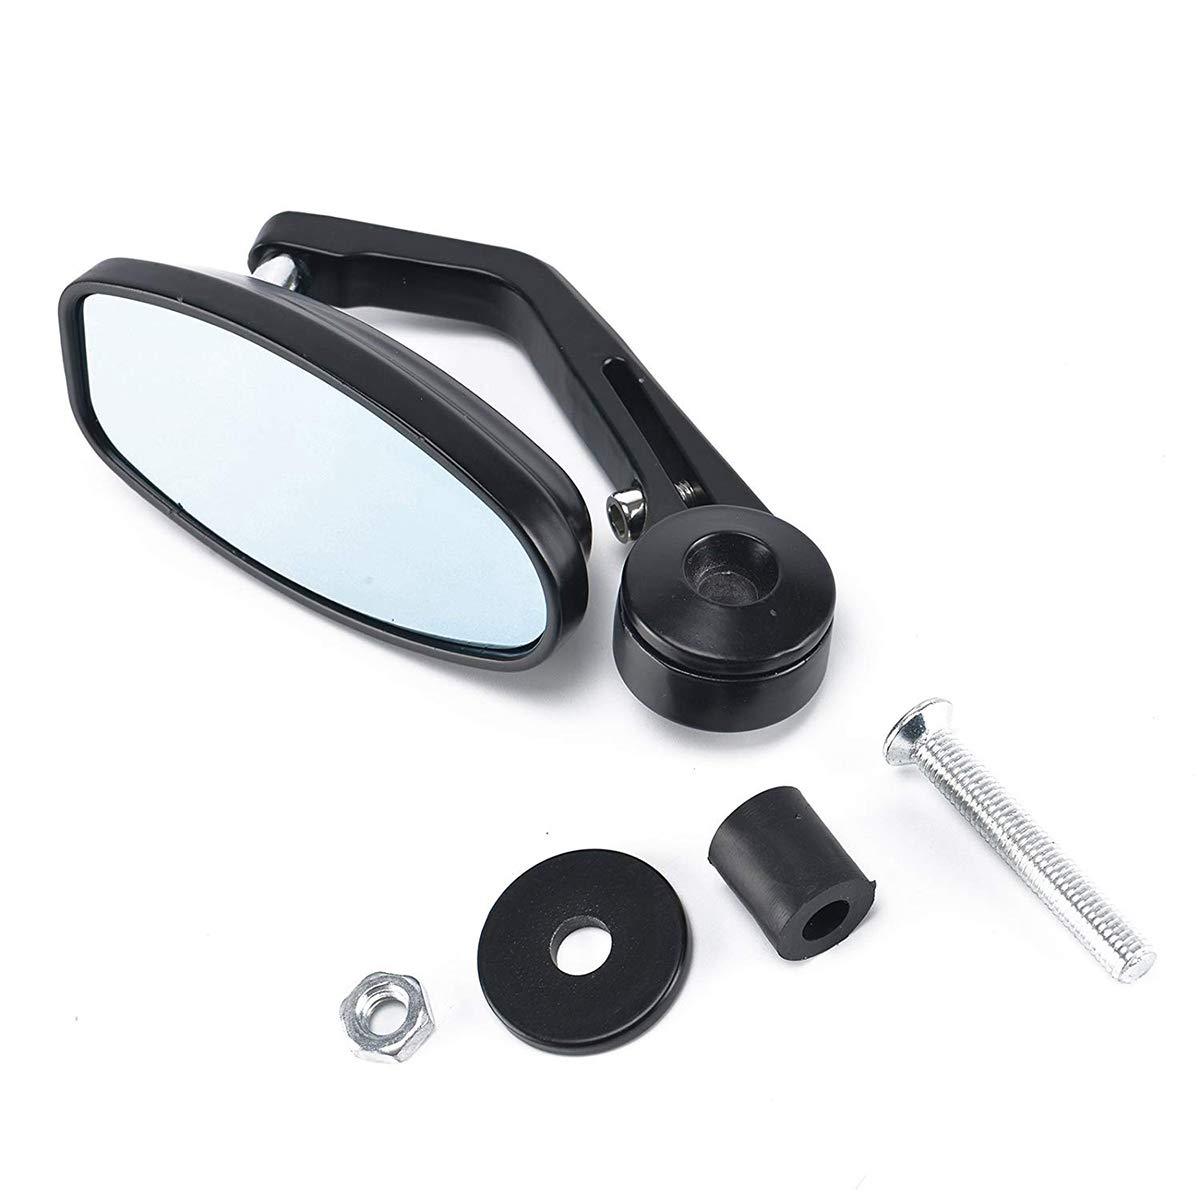 in Alluminio Winter Winner 2 specchietti retrovisori per Moto Colore: Nero con estremit/à del Manubrio